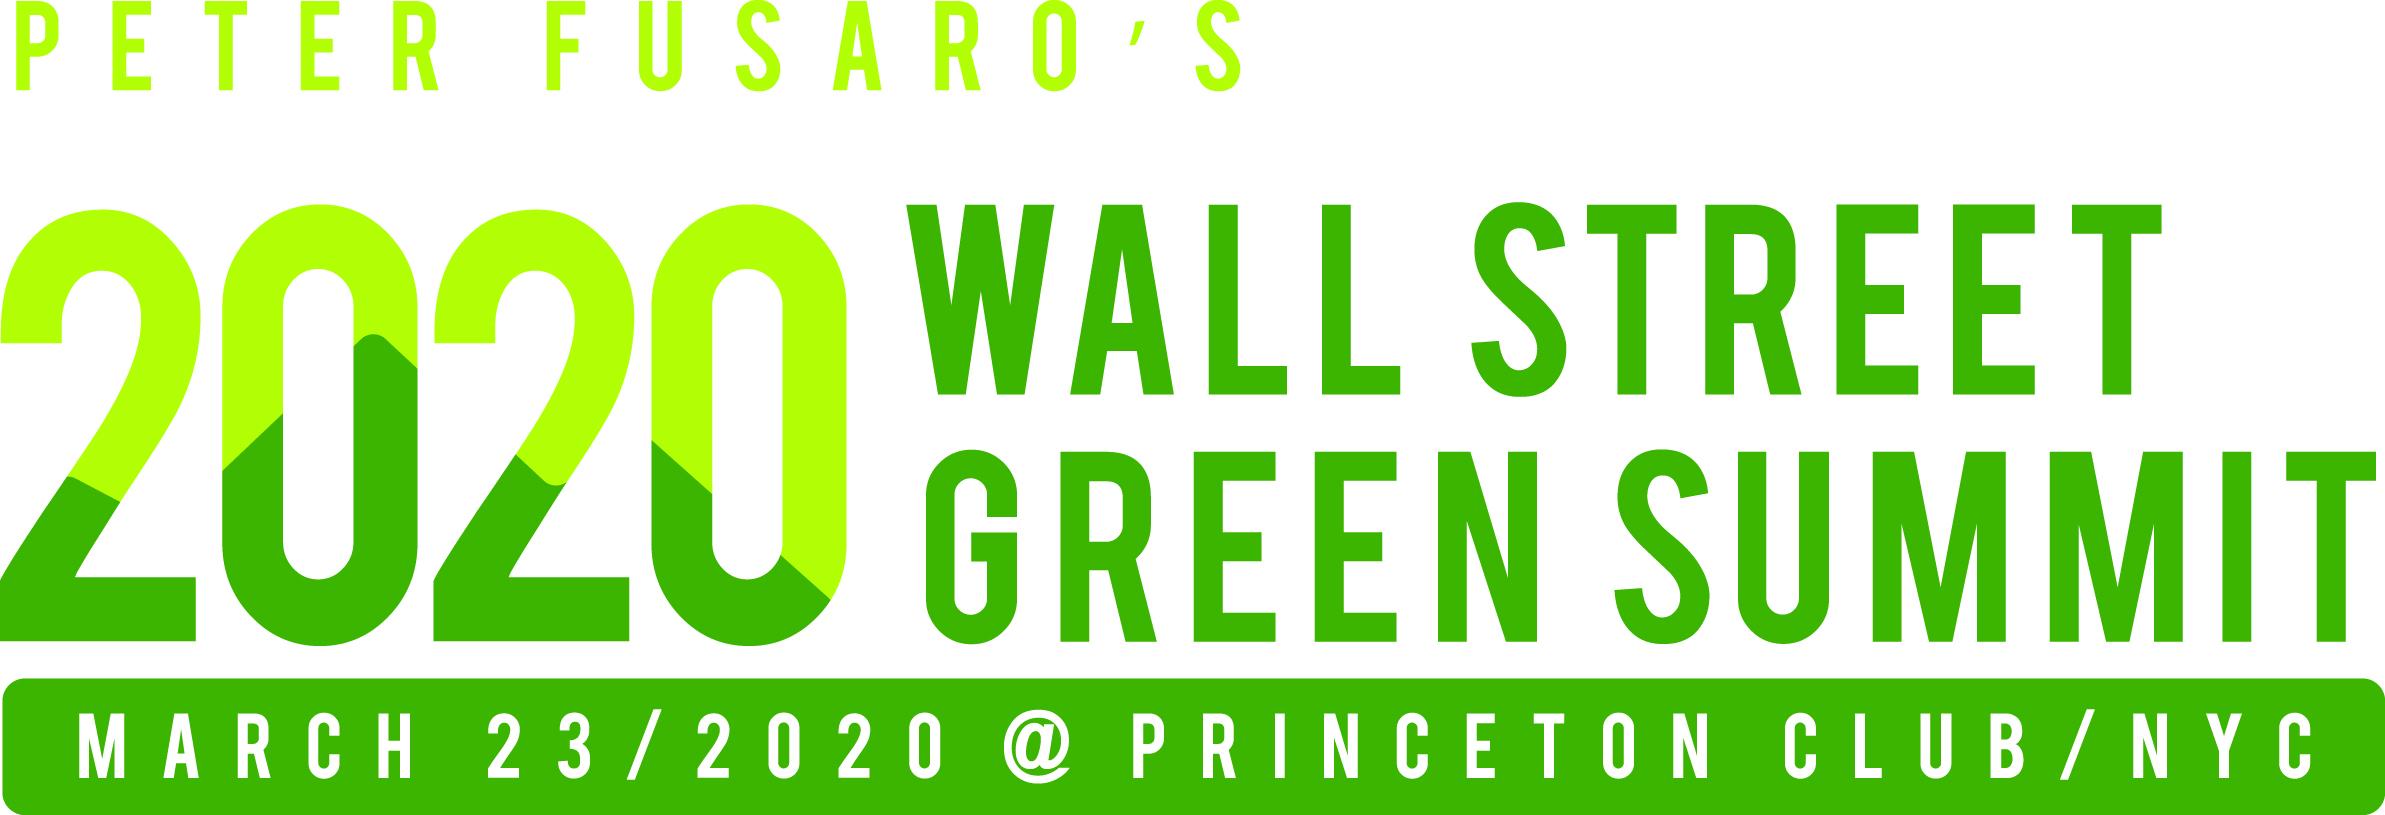 Wall Street Green Summit